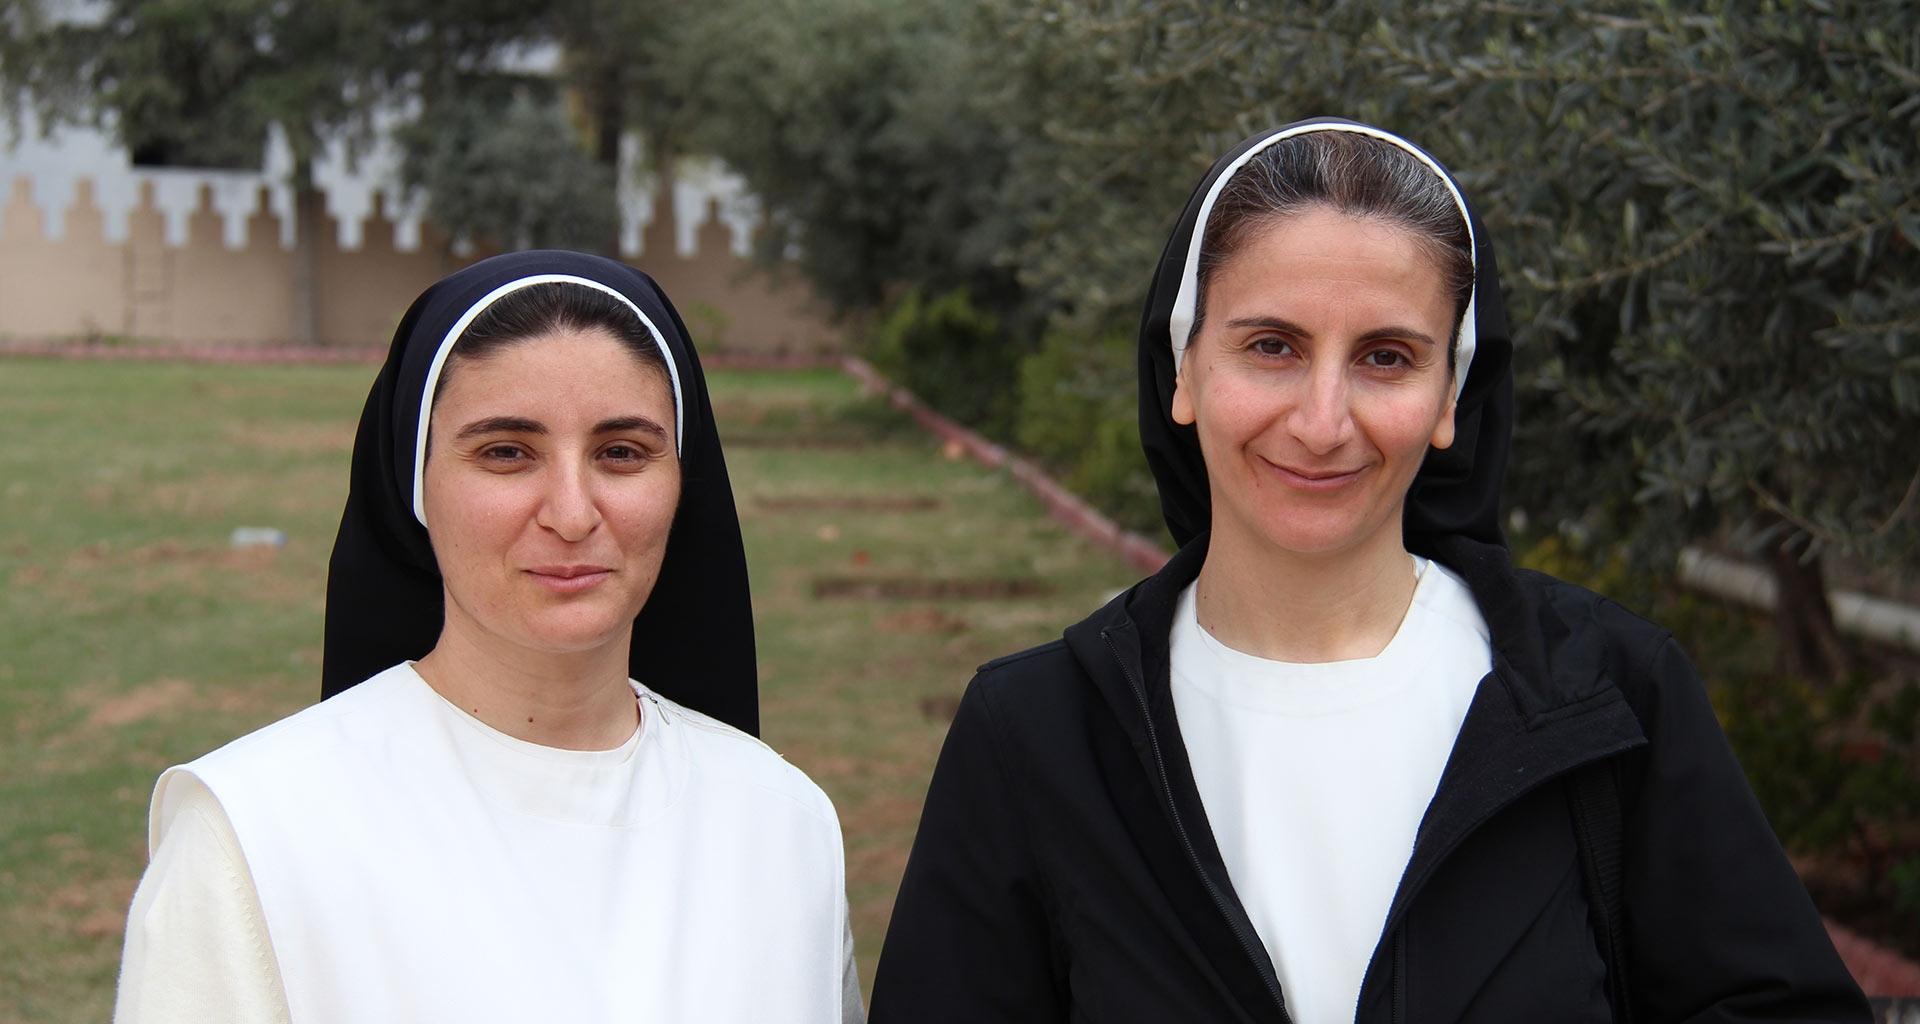 Irmãs Luma Khuder e Nazek Matty querem voltar para o seu convento na Planície de Nínive, Iraque